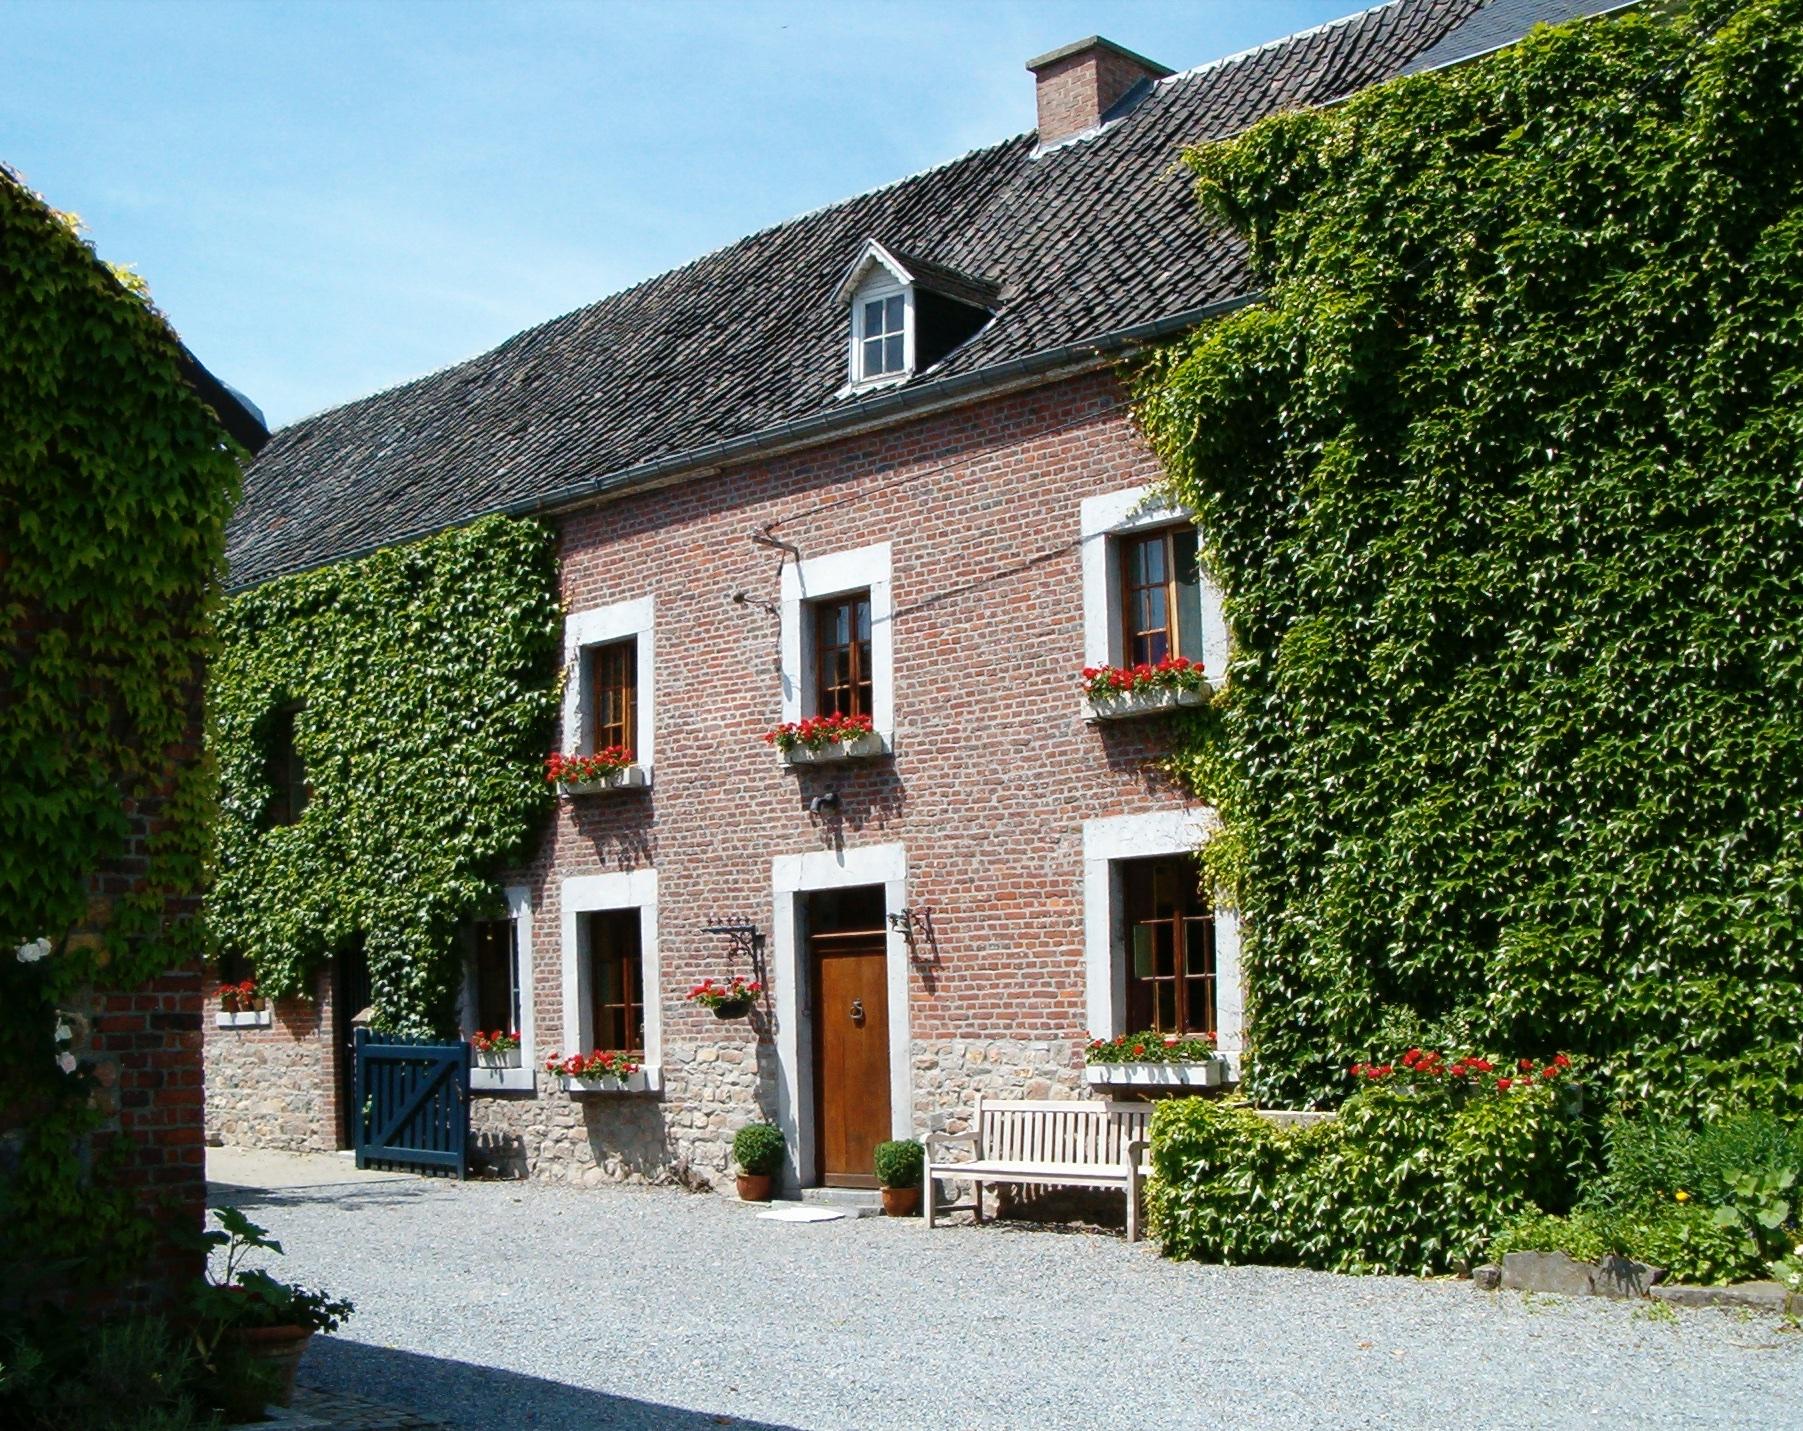 Chez Charlemagne - Gite rural jusque 8 personnesCentre d'Aubel – Feu ouvert - Etang privé – Parking privé – WiFiContactM STASSEN+32 477 66 90 81info@chezcharlemagne.be